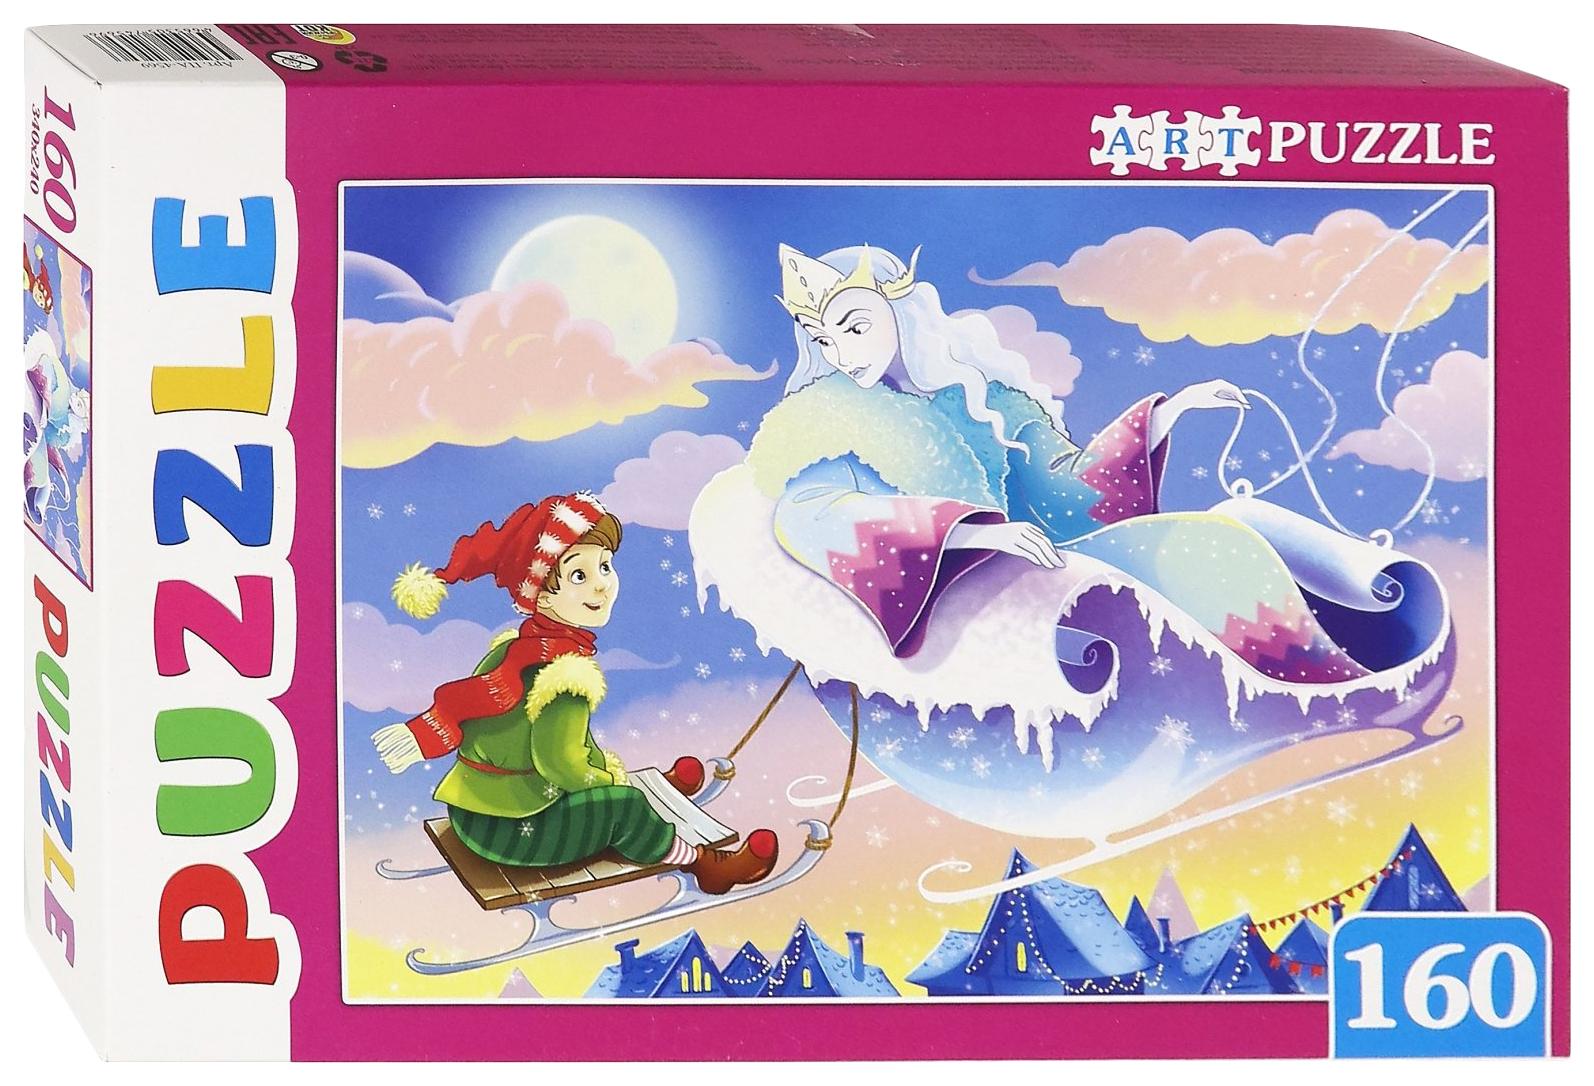 РЫЖИЙ КОТ Пазлы Artpuzzle. Снежная королева, 160 элементов ПА-4569